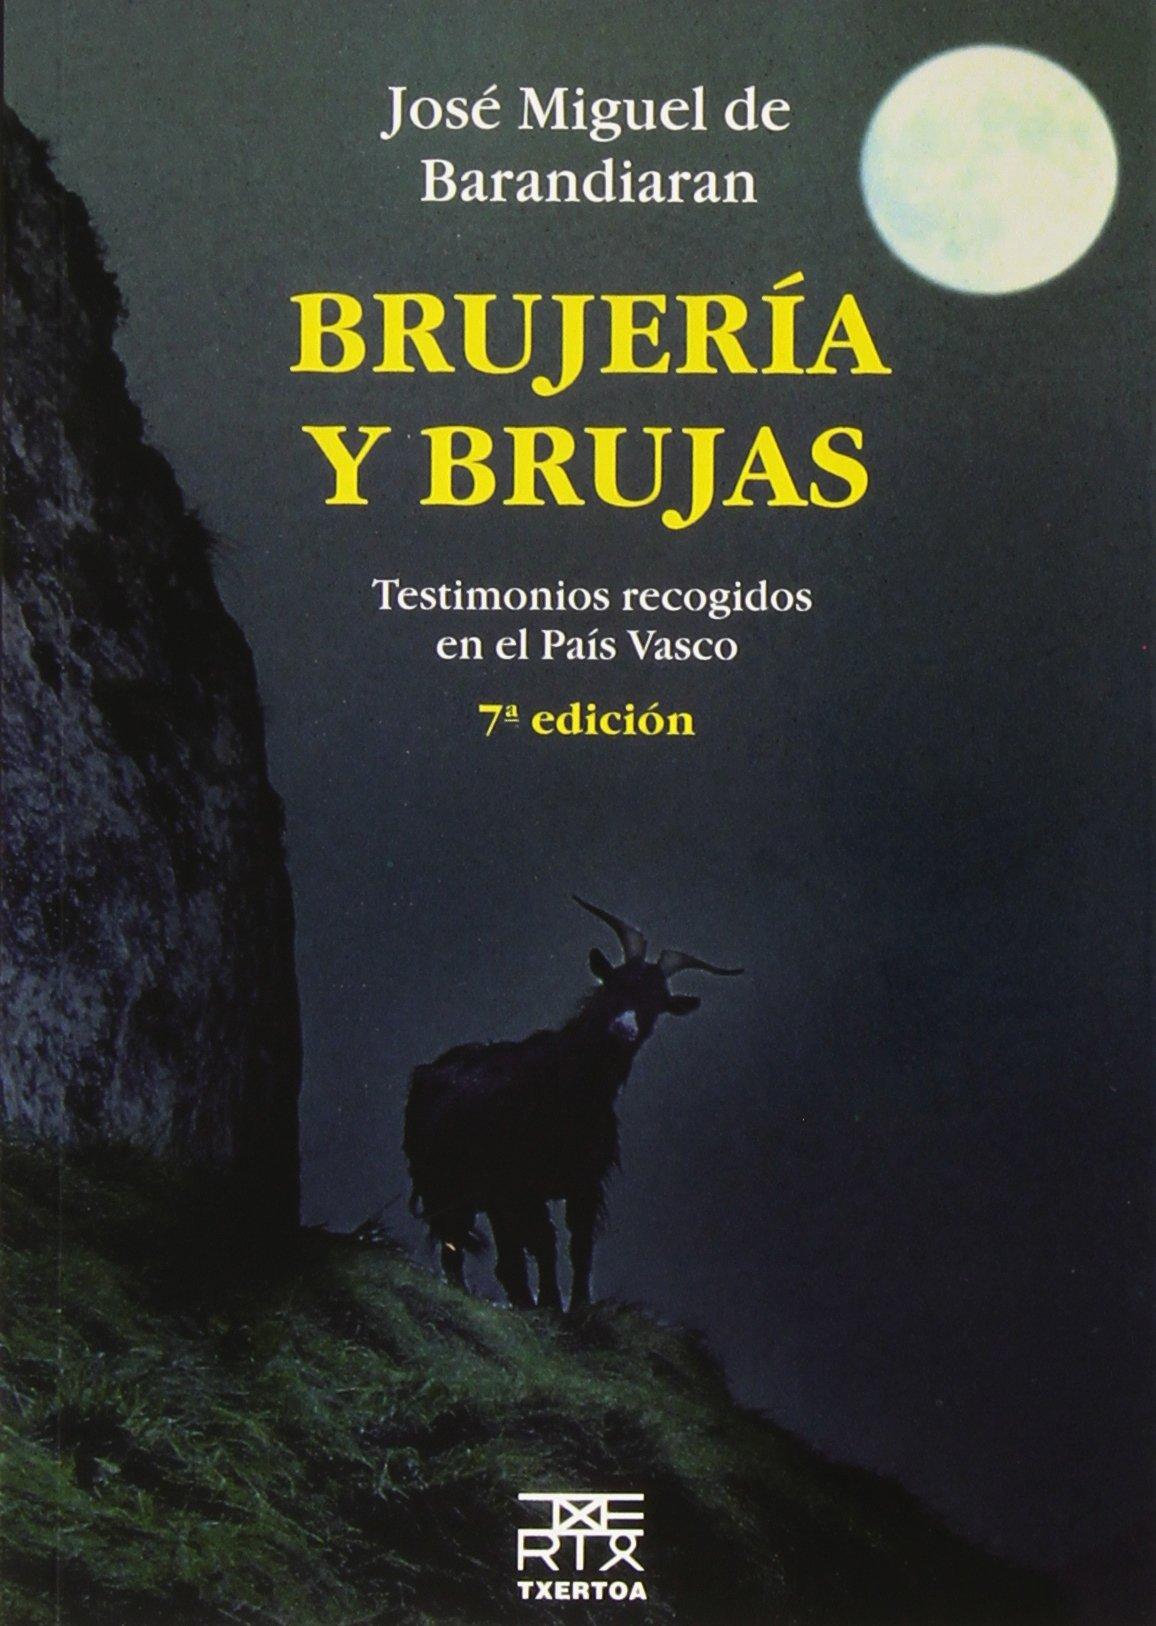 Brujería y brujas. Testimonios recogidos en el País Vasco (Anboto) Tapa blanda – 15 abr 2008 Txertoa 8471484145 Anthropology Antropología